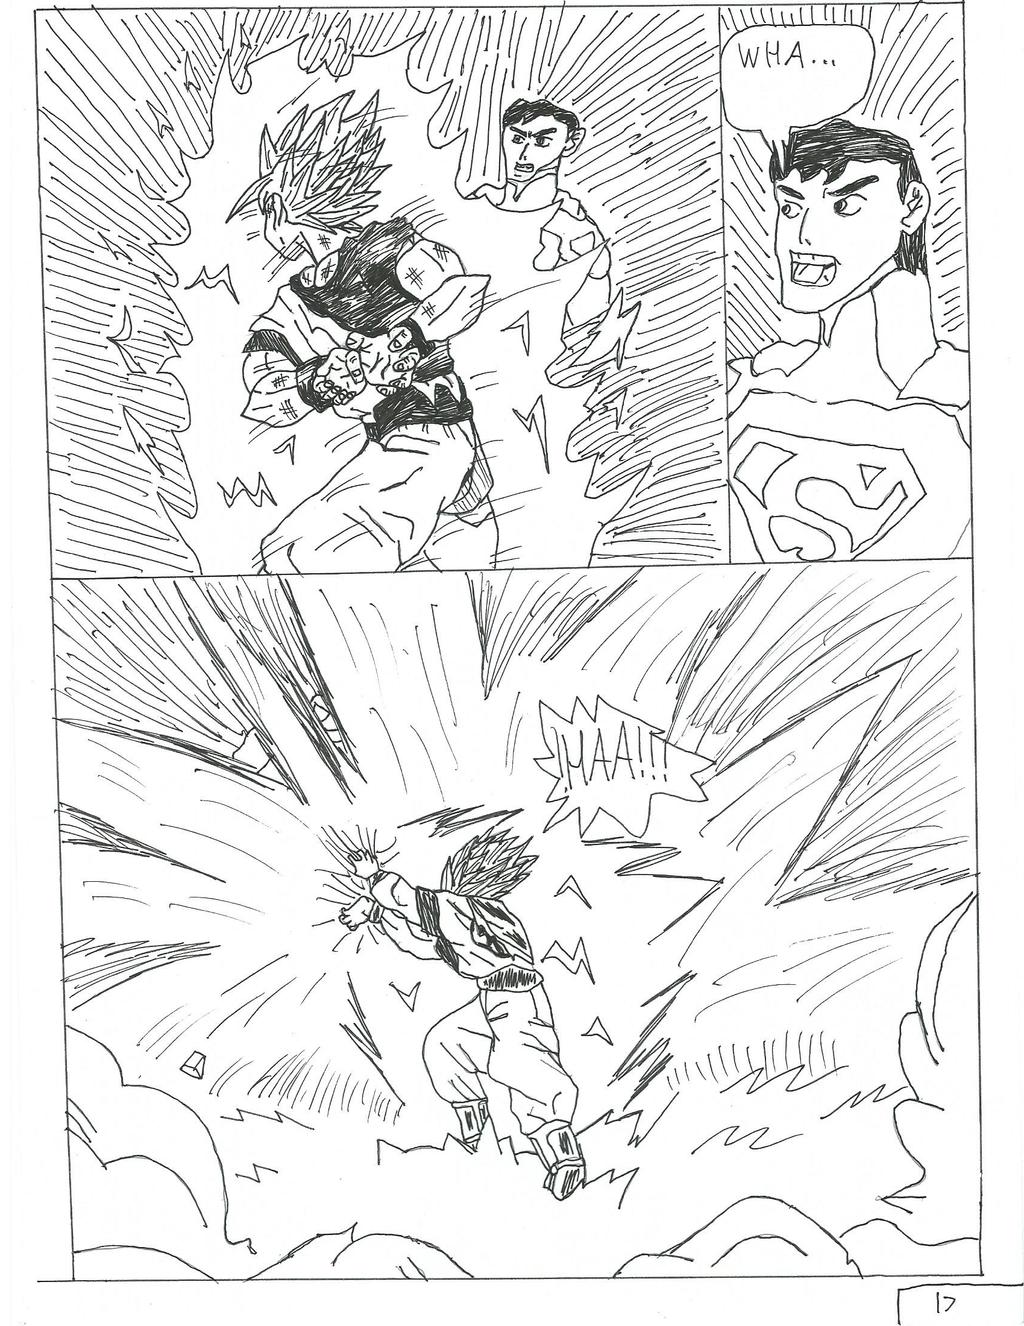 goku vs superman page 17 by brandonking2013 on DeviantArt